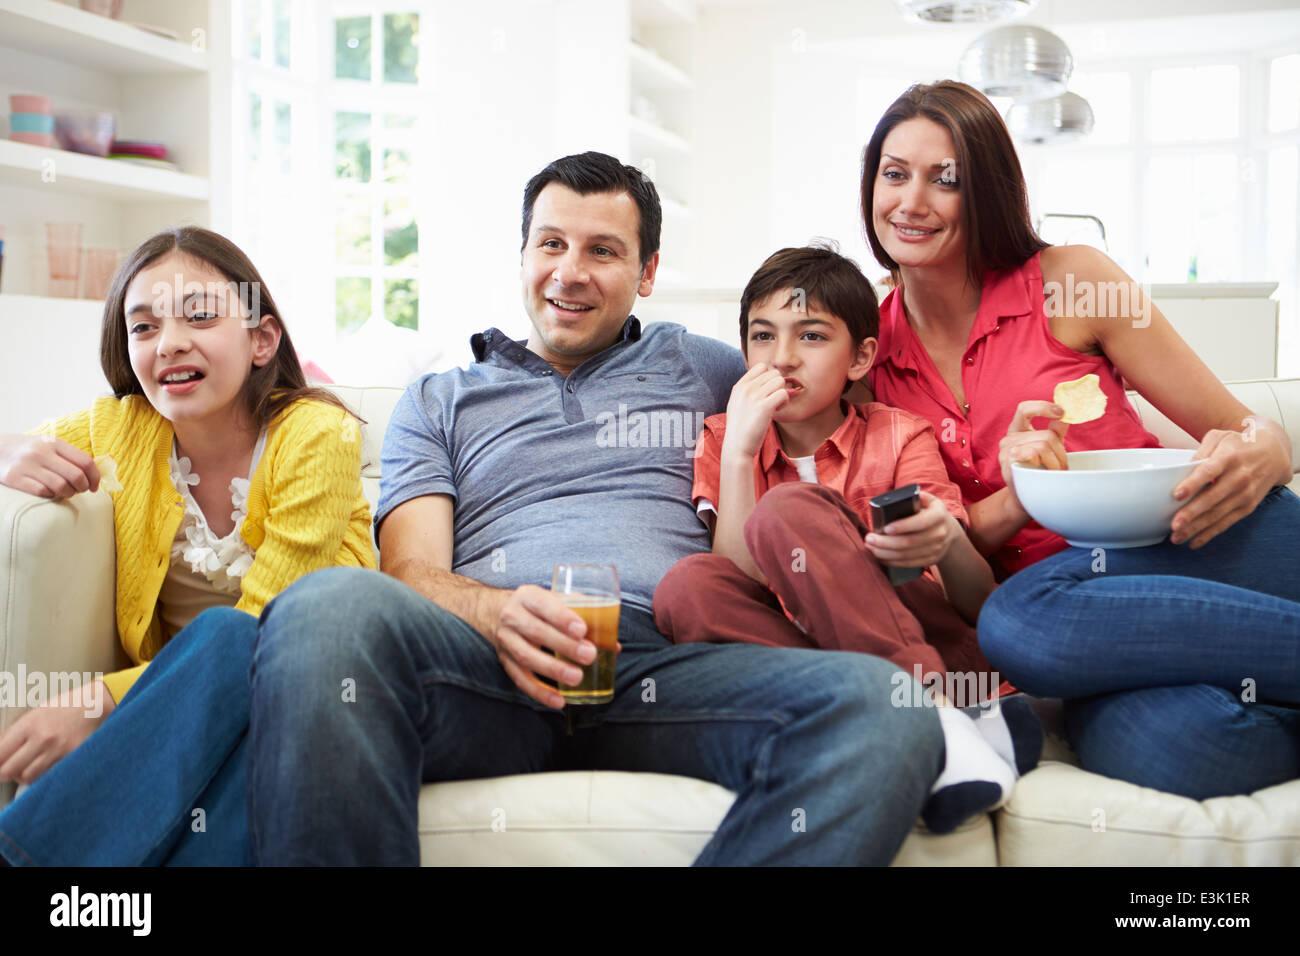 Hispanische Familie sitzt auf dem Sofa vor dem Fernseher zusammen Stockbild